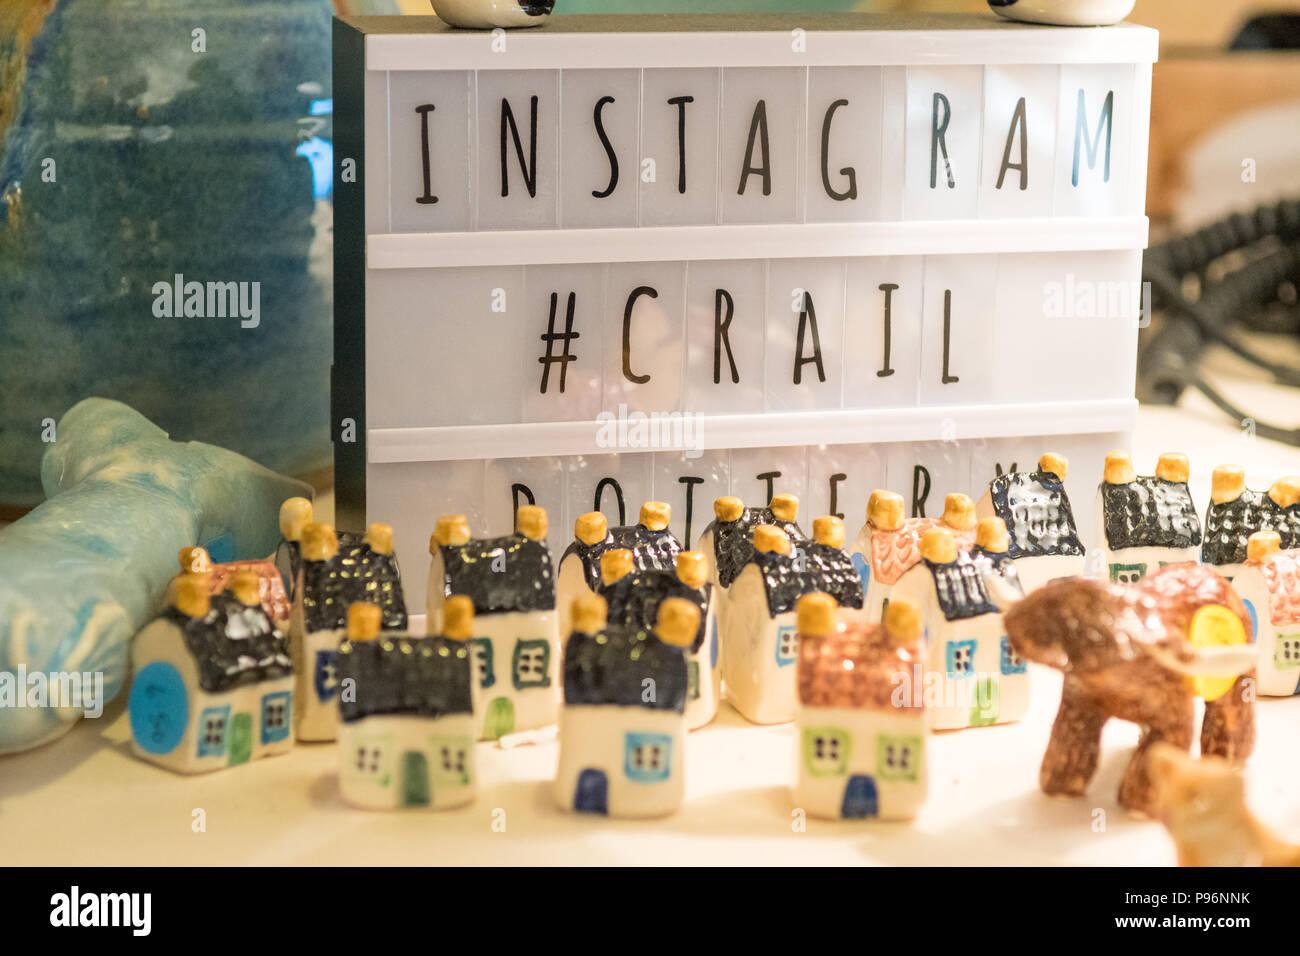 Social media marketing utilizando hashtag marca para alentar el contenido generado por el usuario por un pequeño negocio - Crail Alfarería, Fife, Escocia, Reino Unido Imagen De Stock